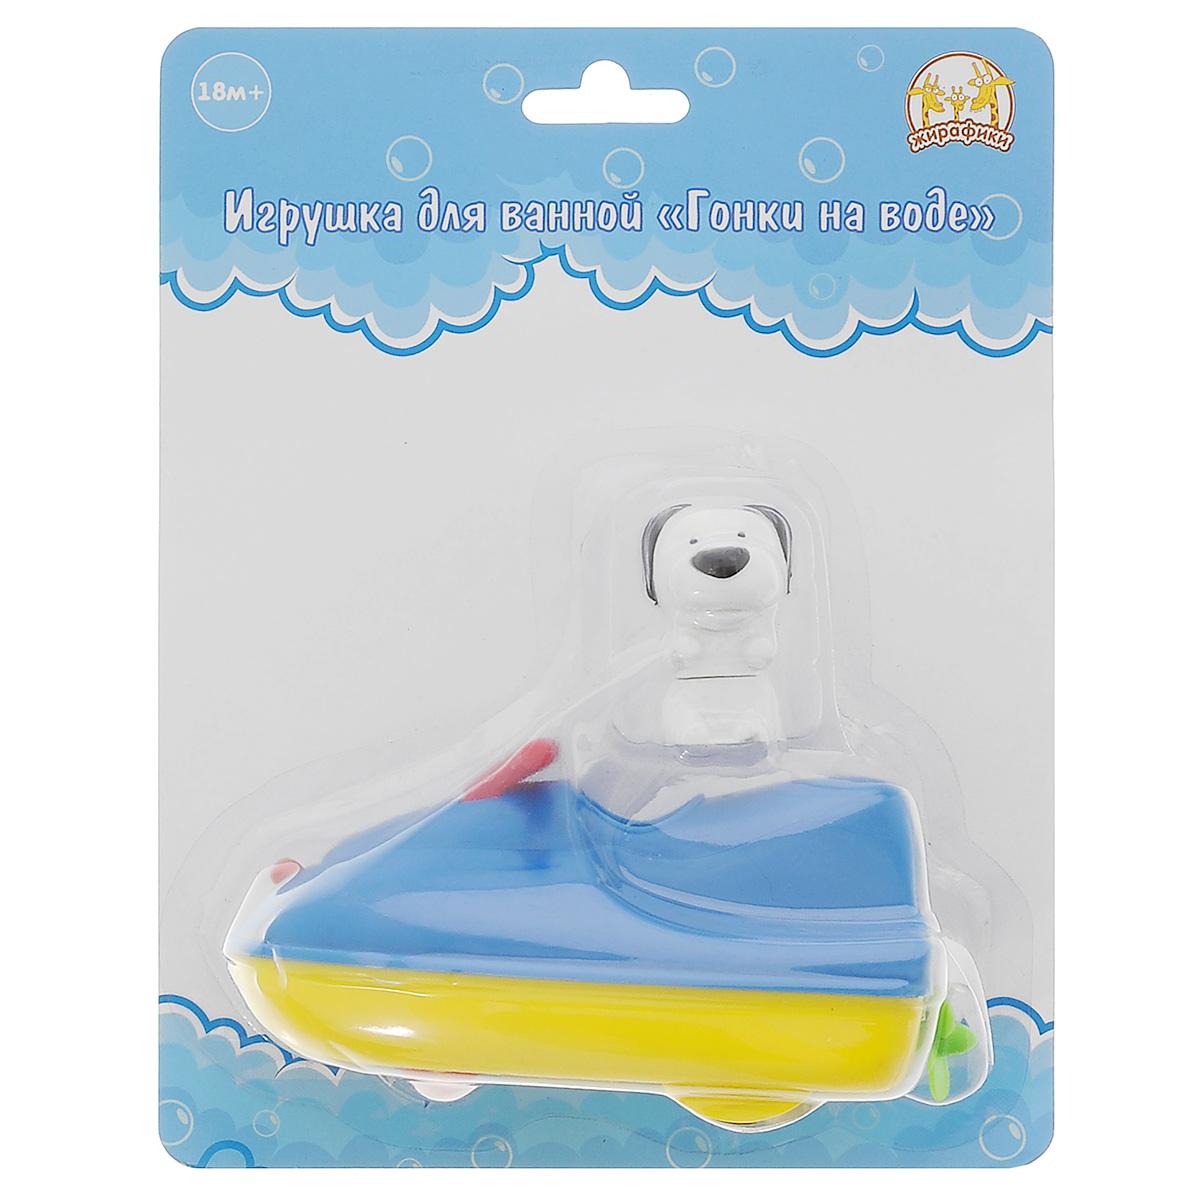 """Игрушка для ванной Жирафики """"Гонки на воде"""", цвет: синий, желтый"""